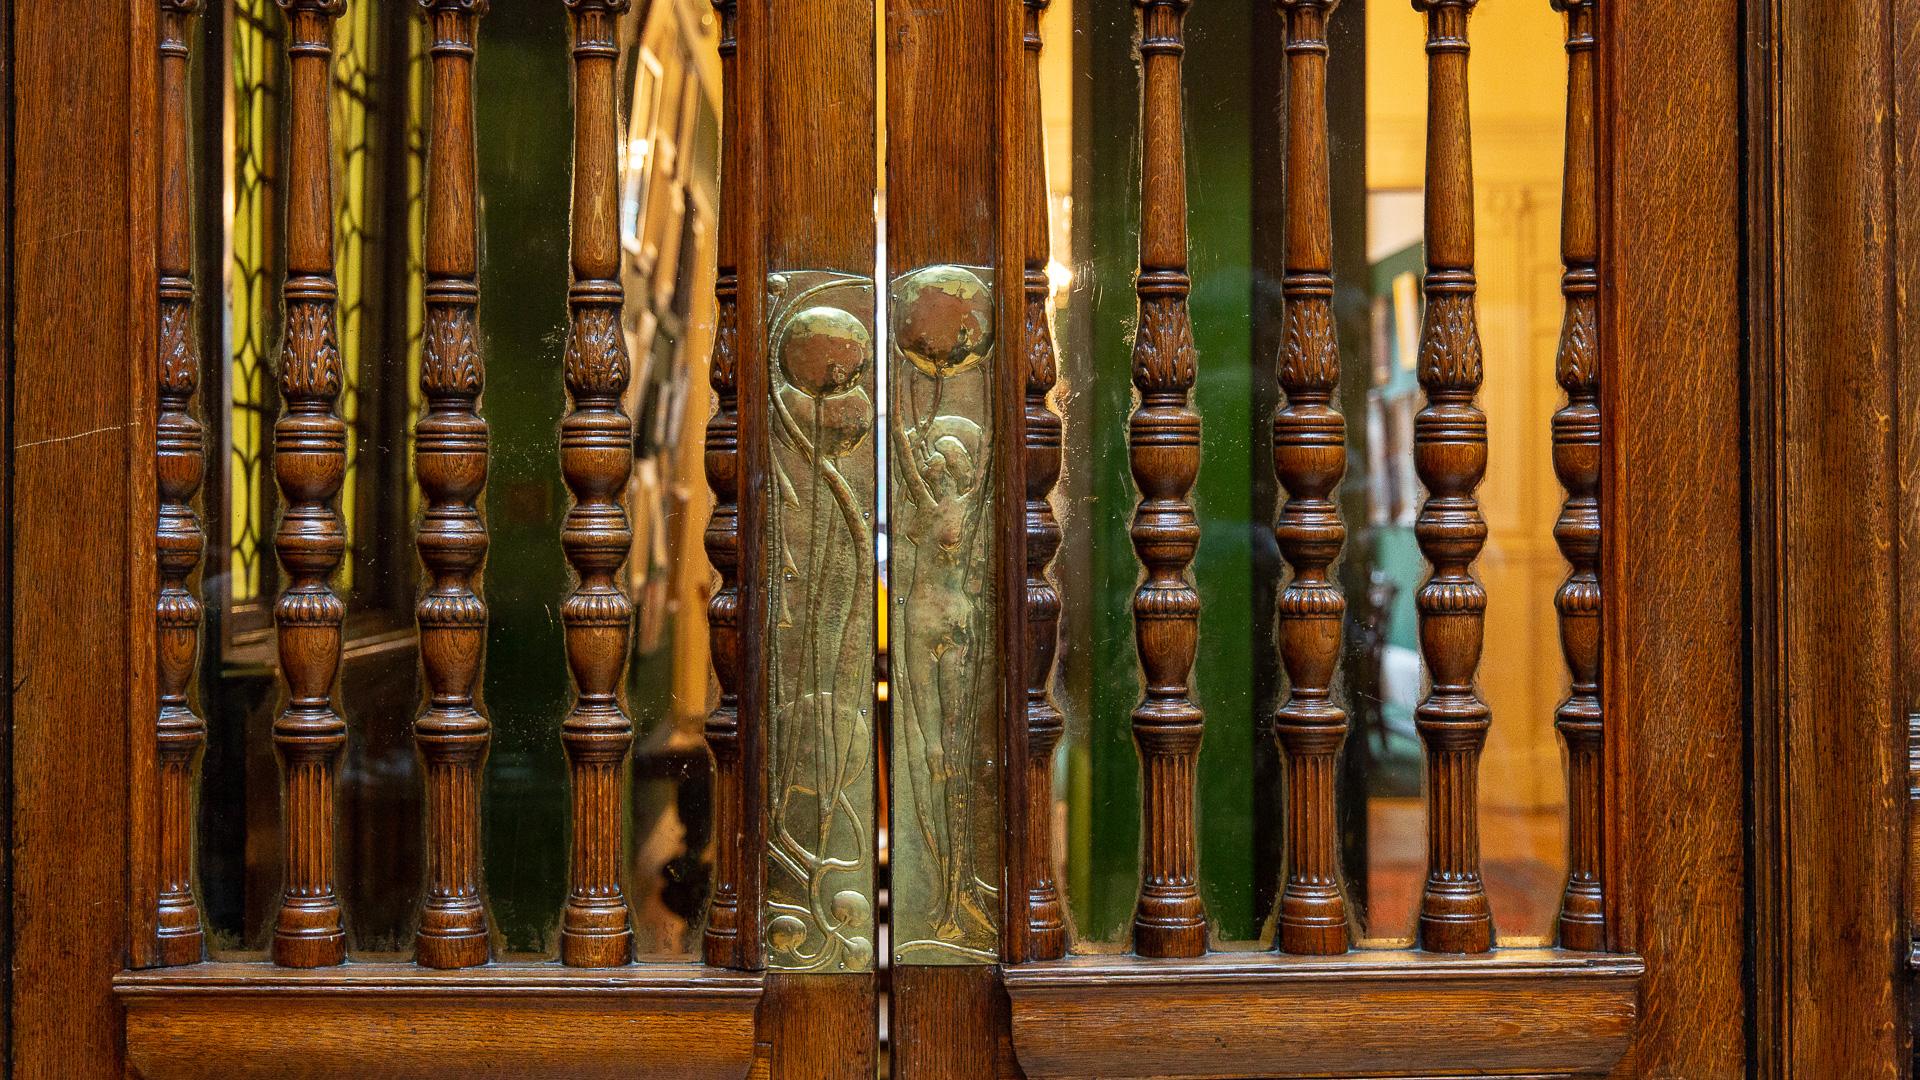 Mackintosh Design auch an der Tür